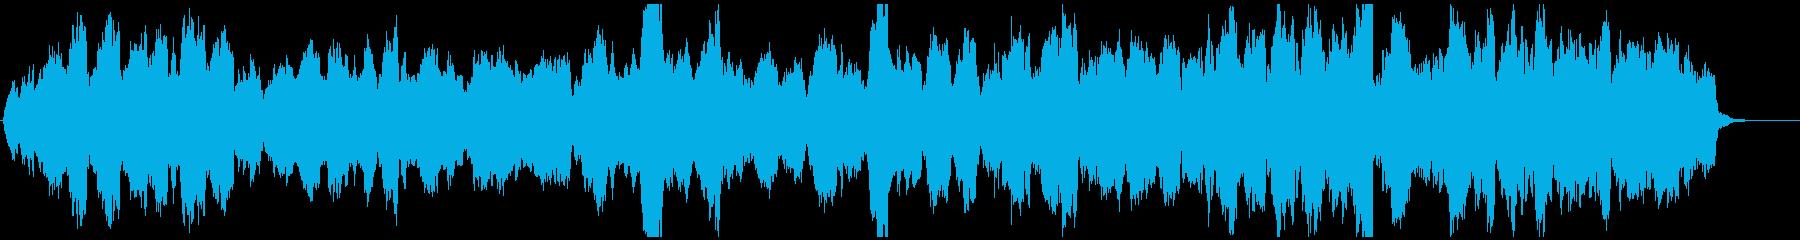 チェロとホルンの切ないBGMの再生済みの波形